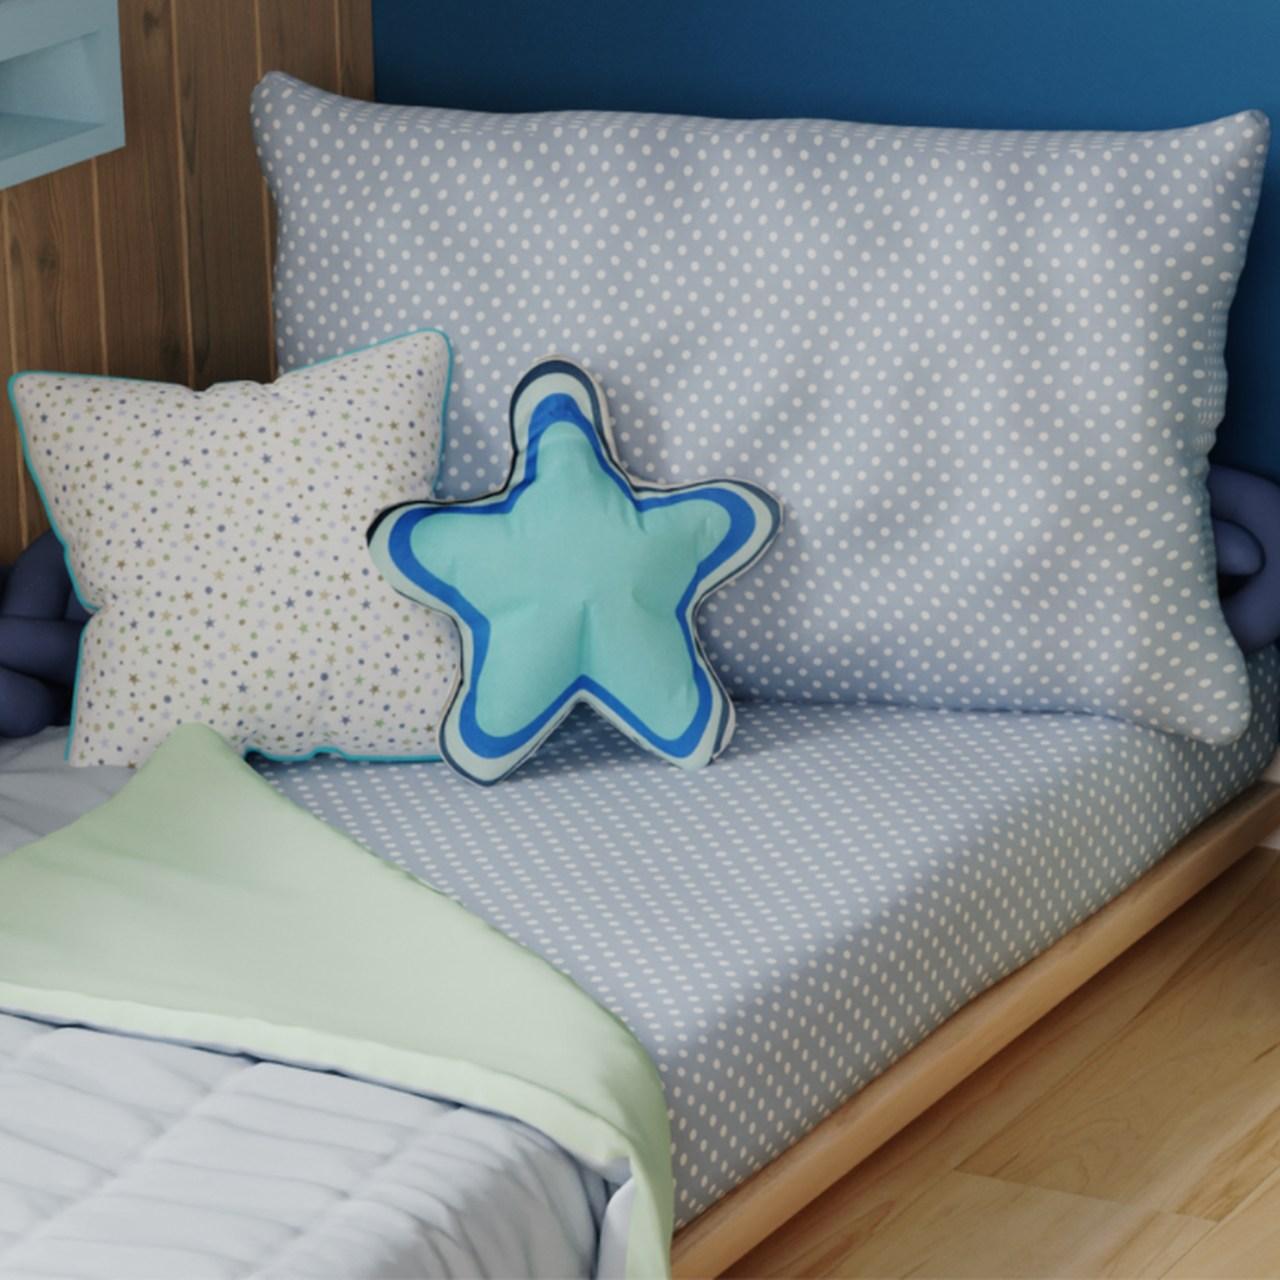 Jogo lençol de elástico solteiro estampa Confete azul